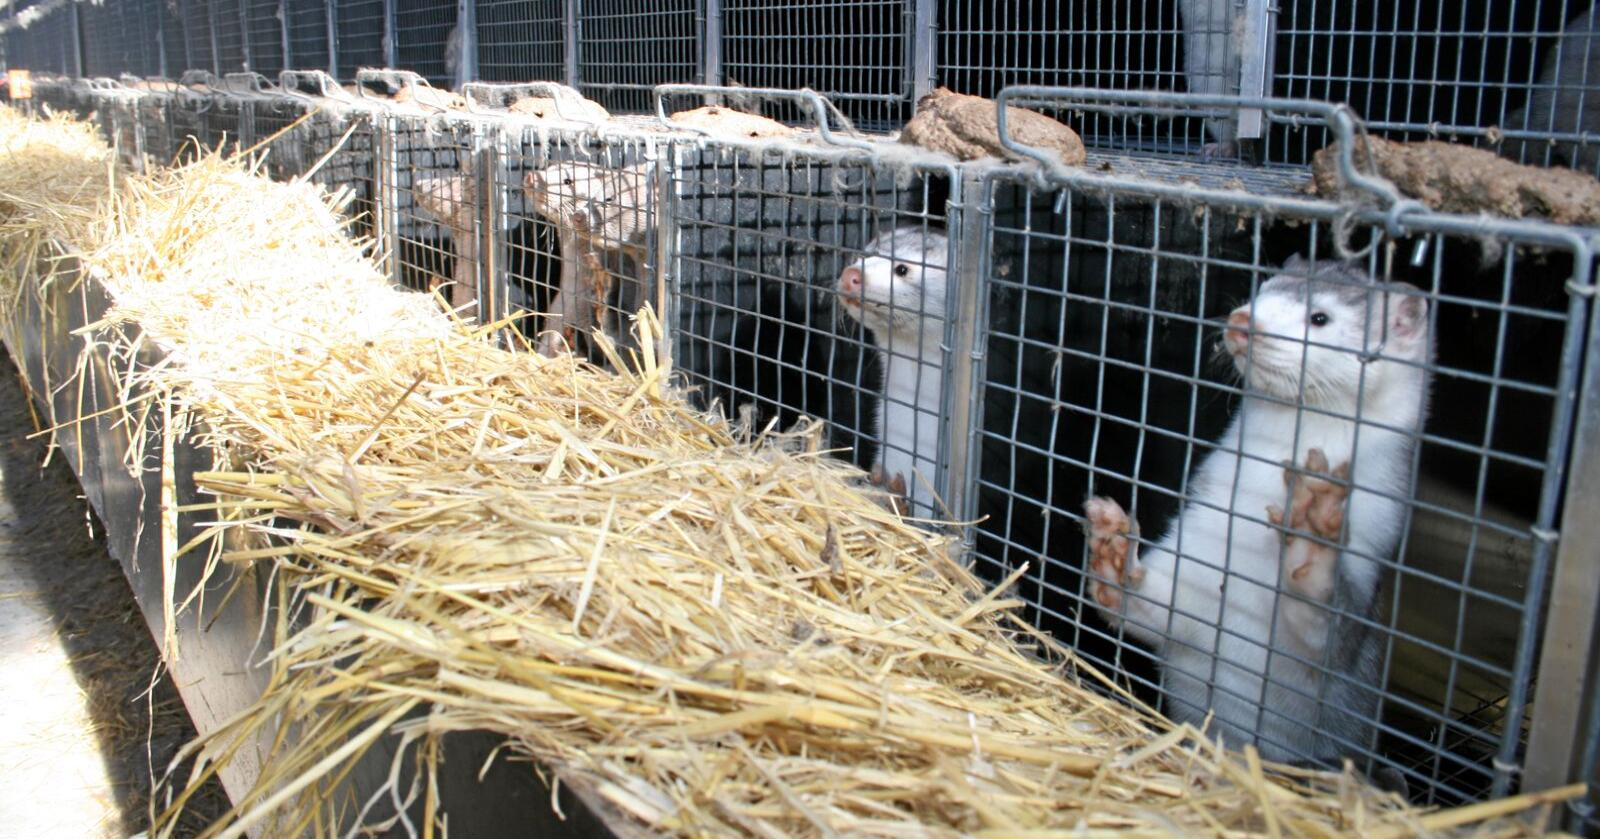 Pelsdyr: Tirsdag ble det klart at pelsdyrbøndene får kompensasjon som om det var ekspropriasjon. Foto: Bjarne Bekkeheien Aase